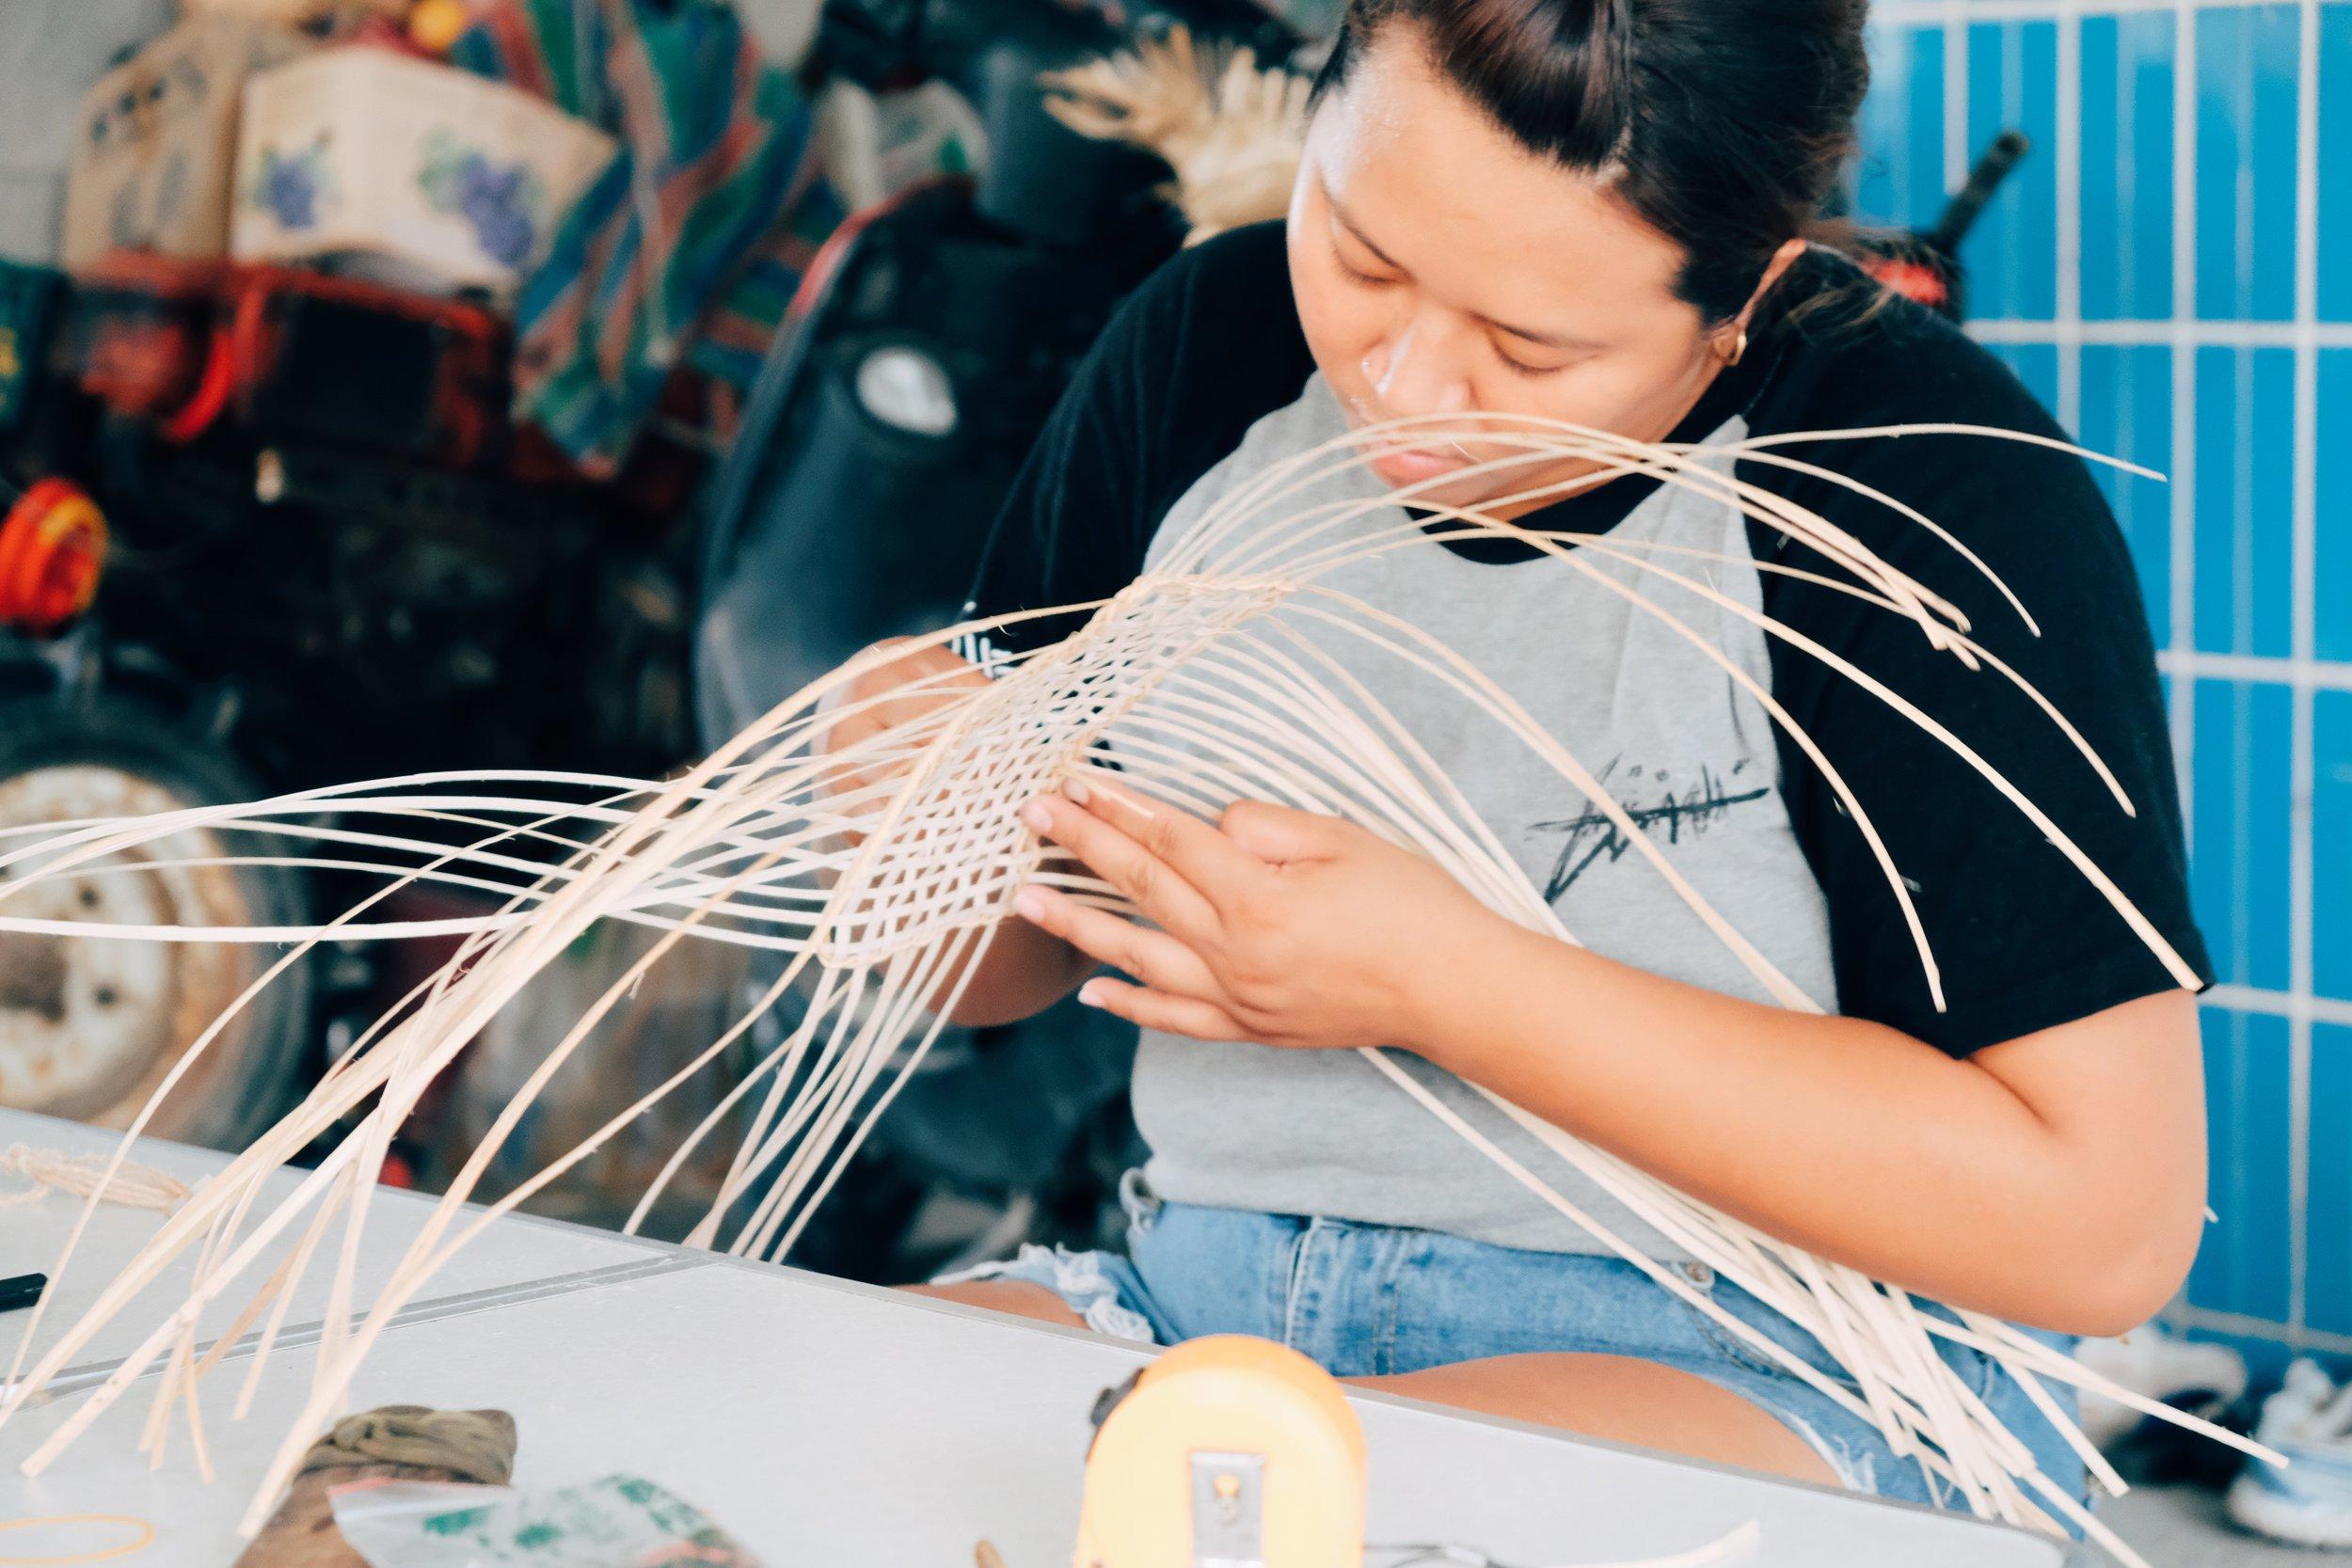 力求把籐編做好,重編對基礎學生是複習的機會。